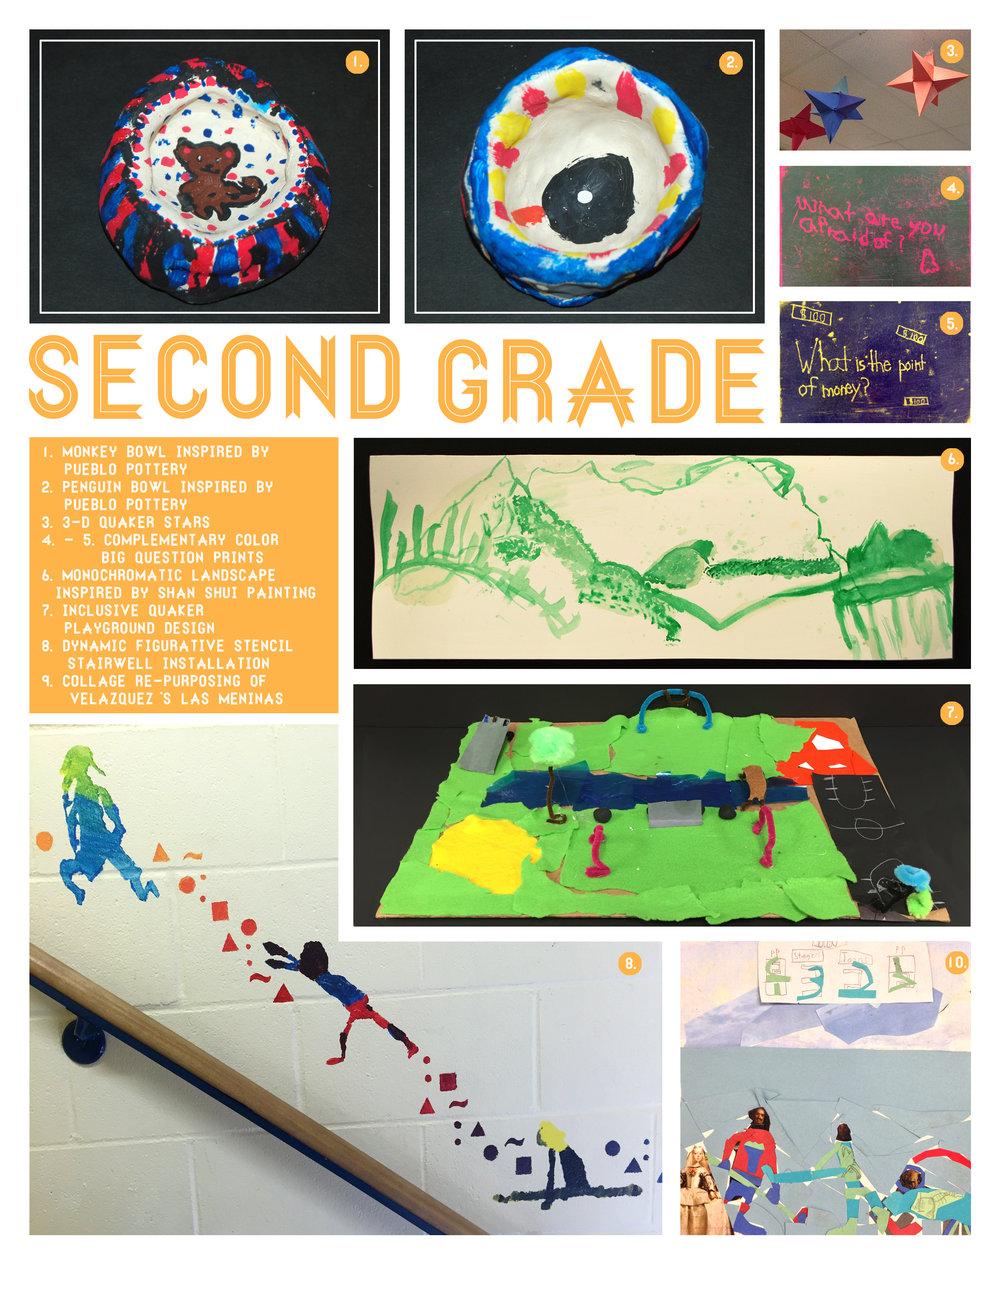 03. Second Grade1.jpg